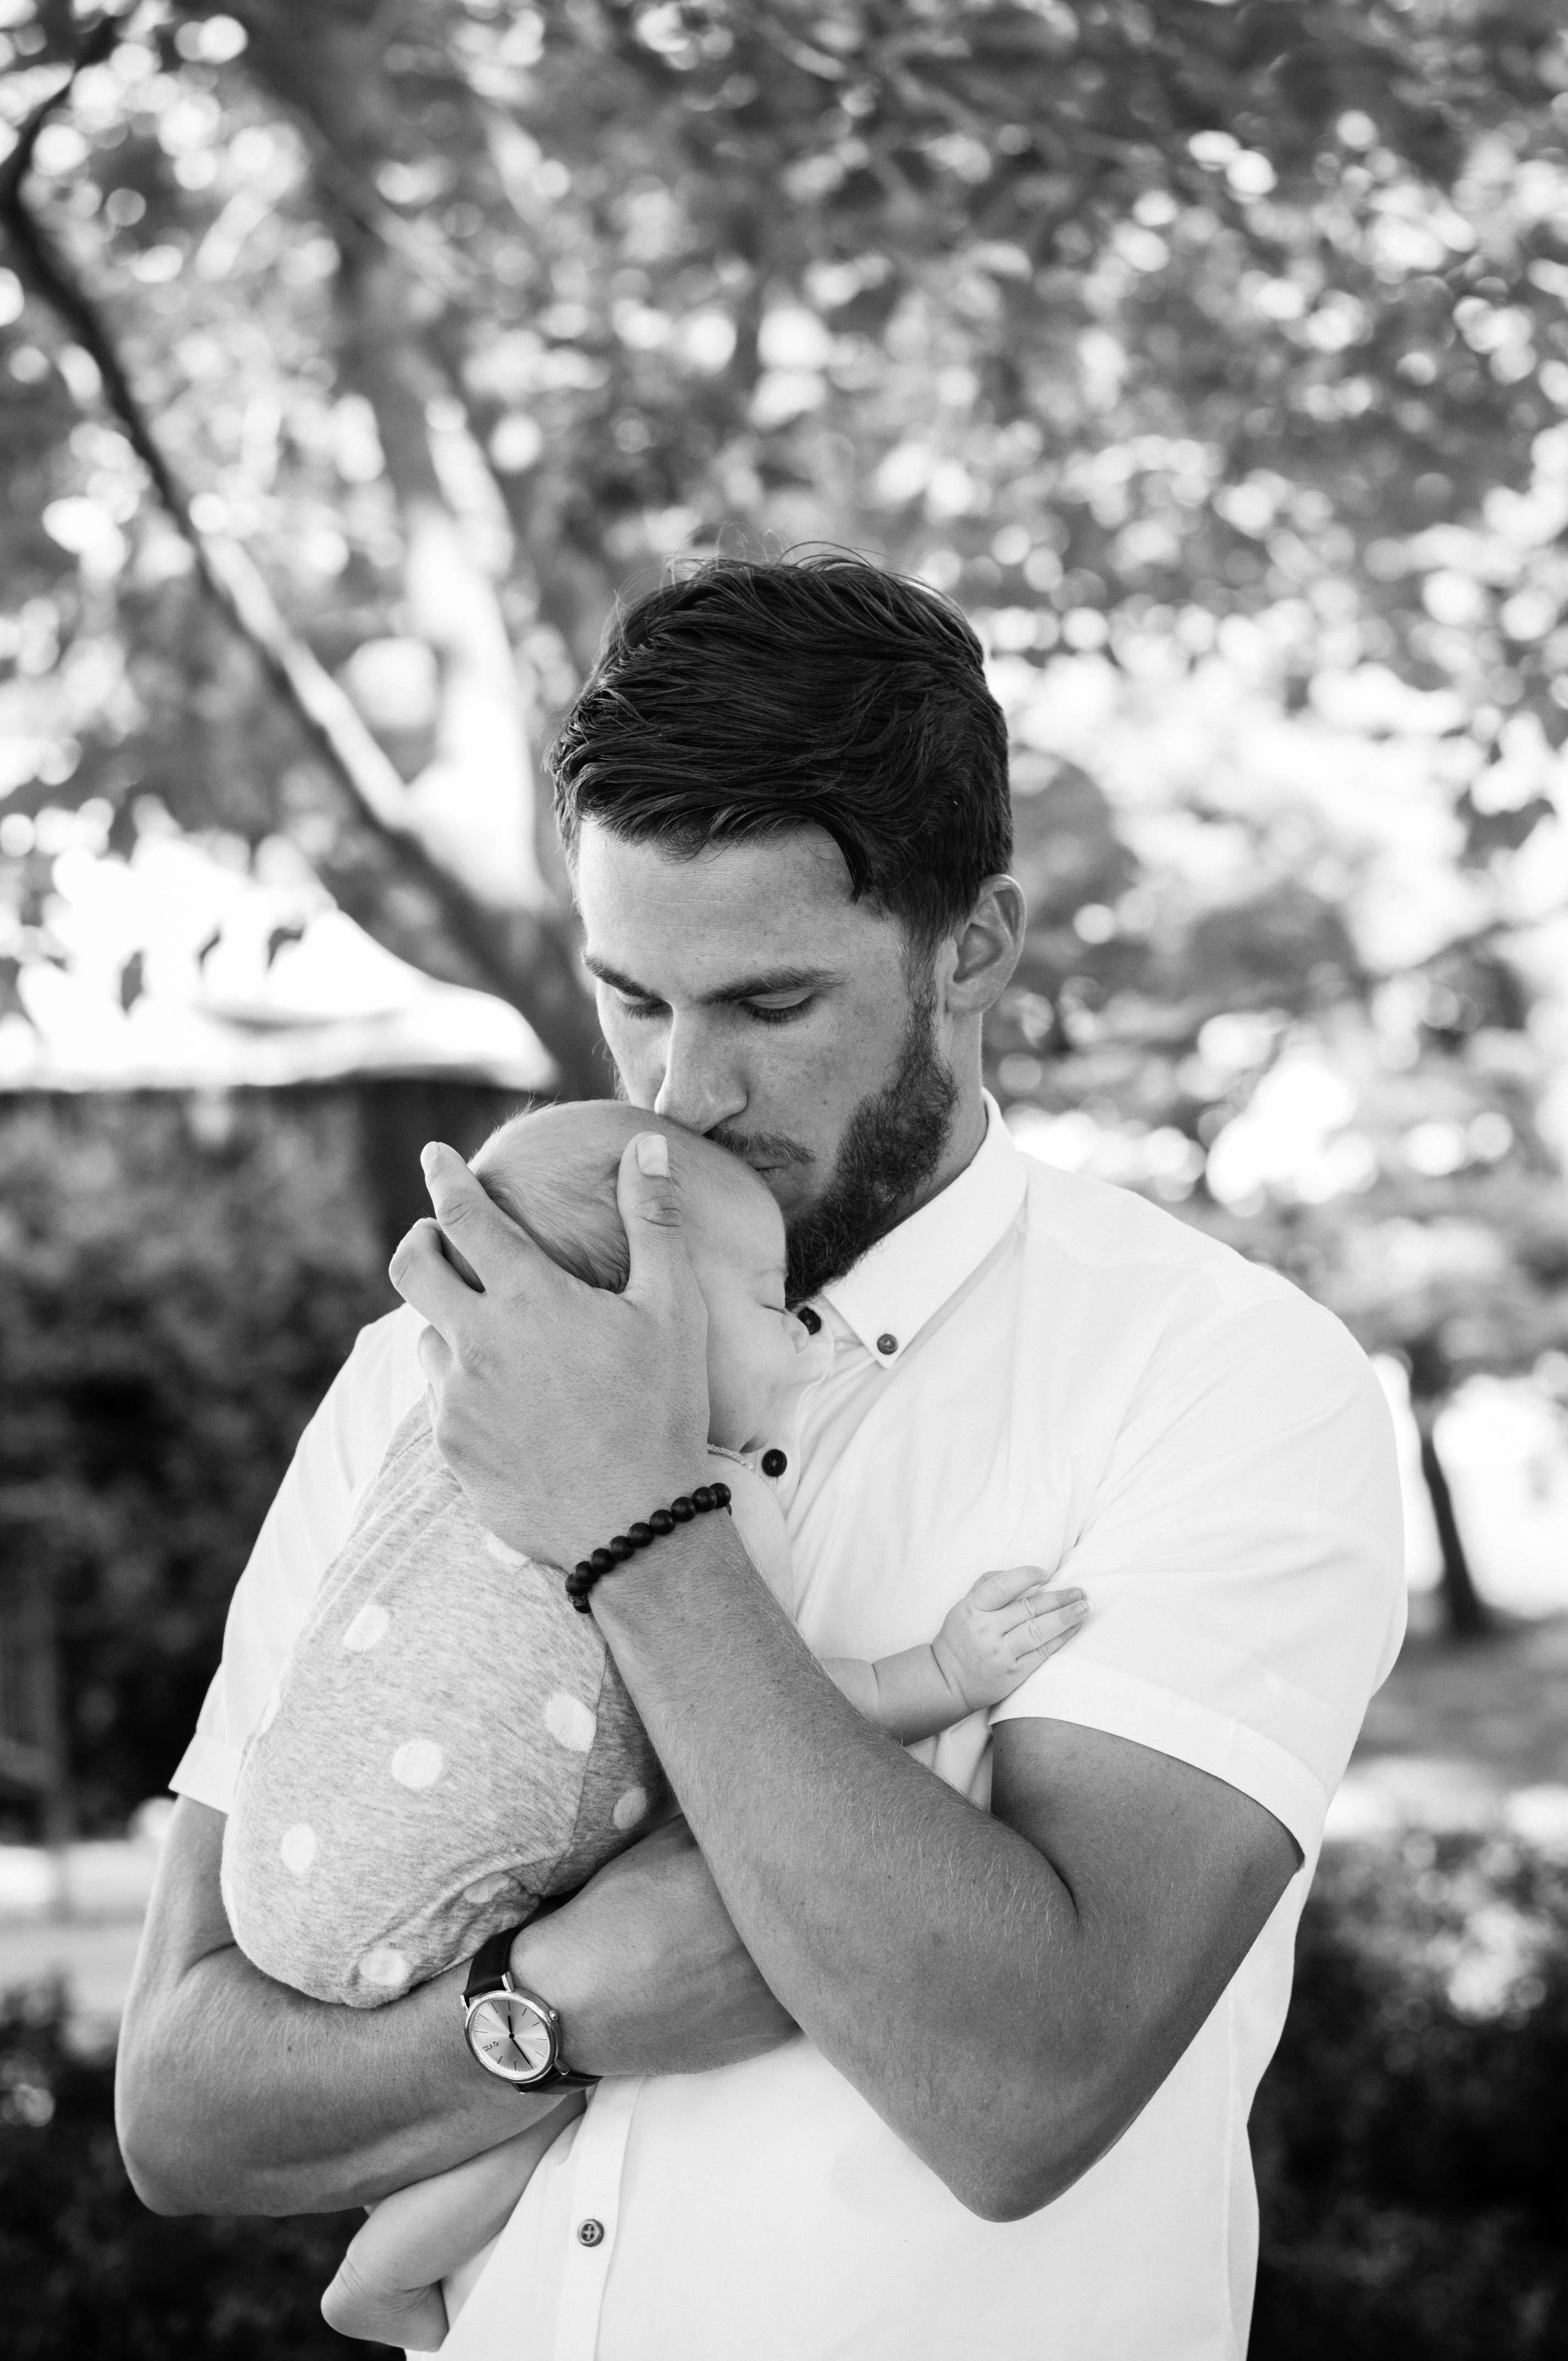 Die Vatertag Bilder halten die reine Vater-Kinder-Liebe auf Papier fest